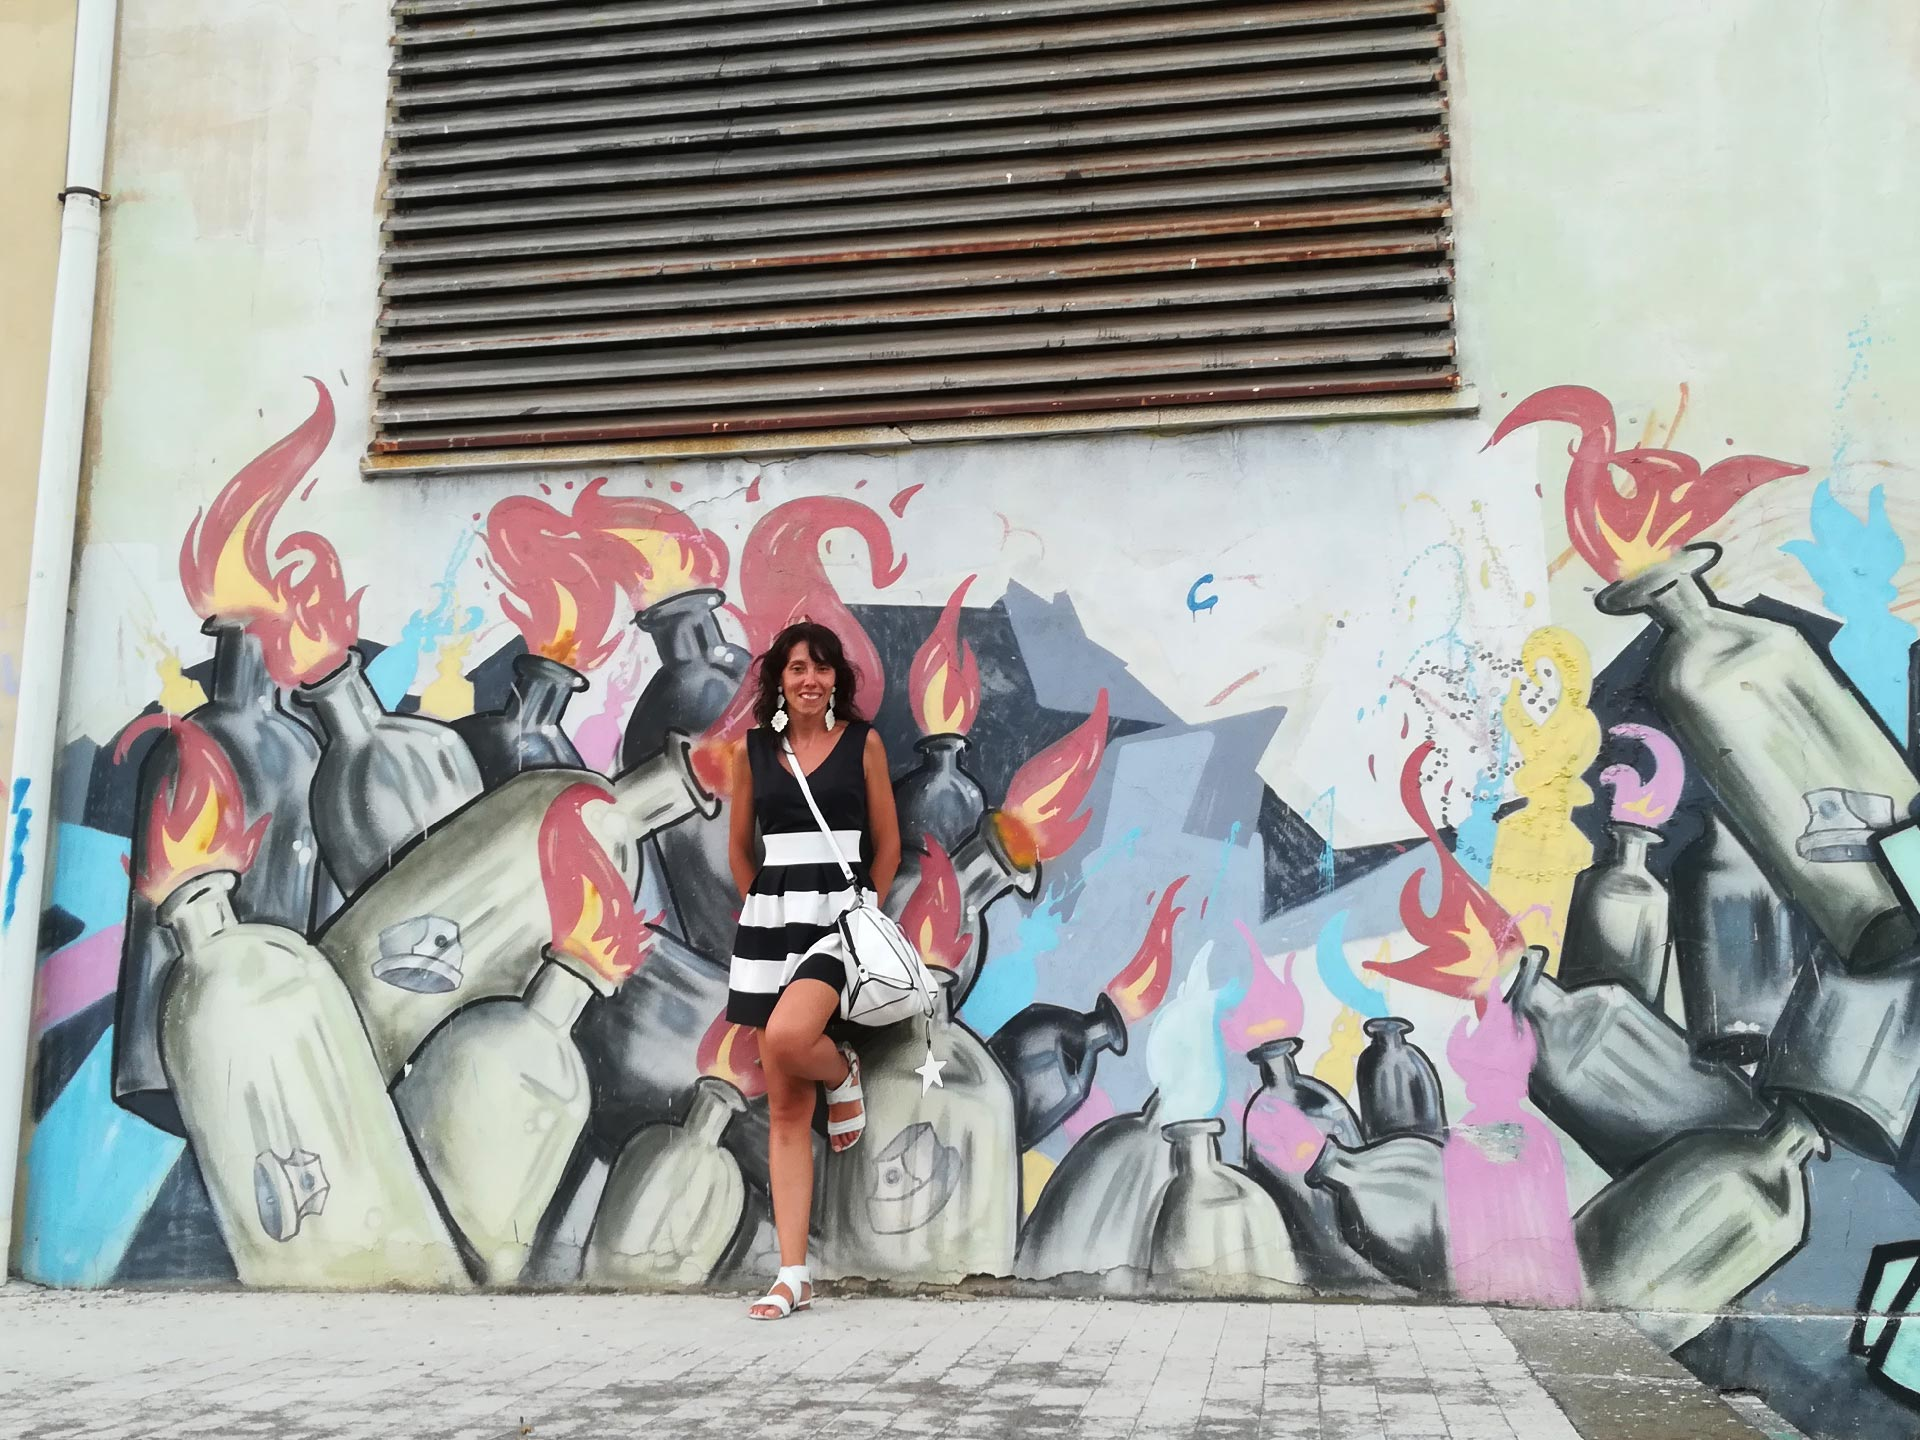 un murales nella città di Messina, Sicilia